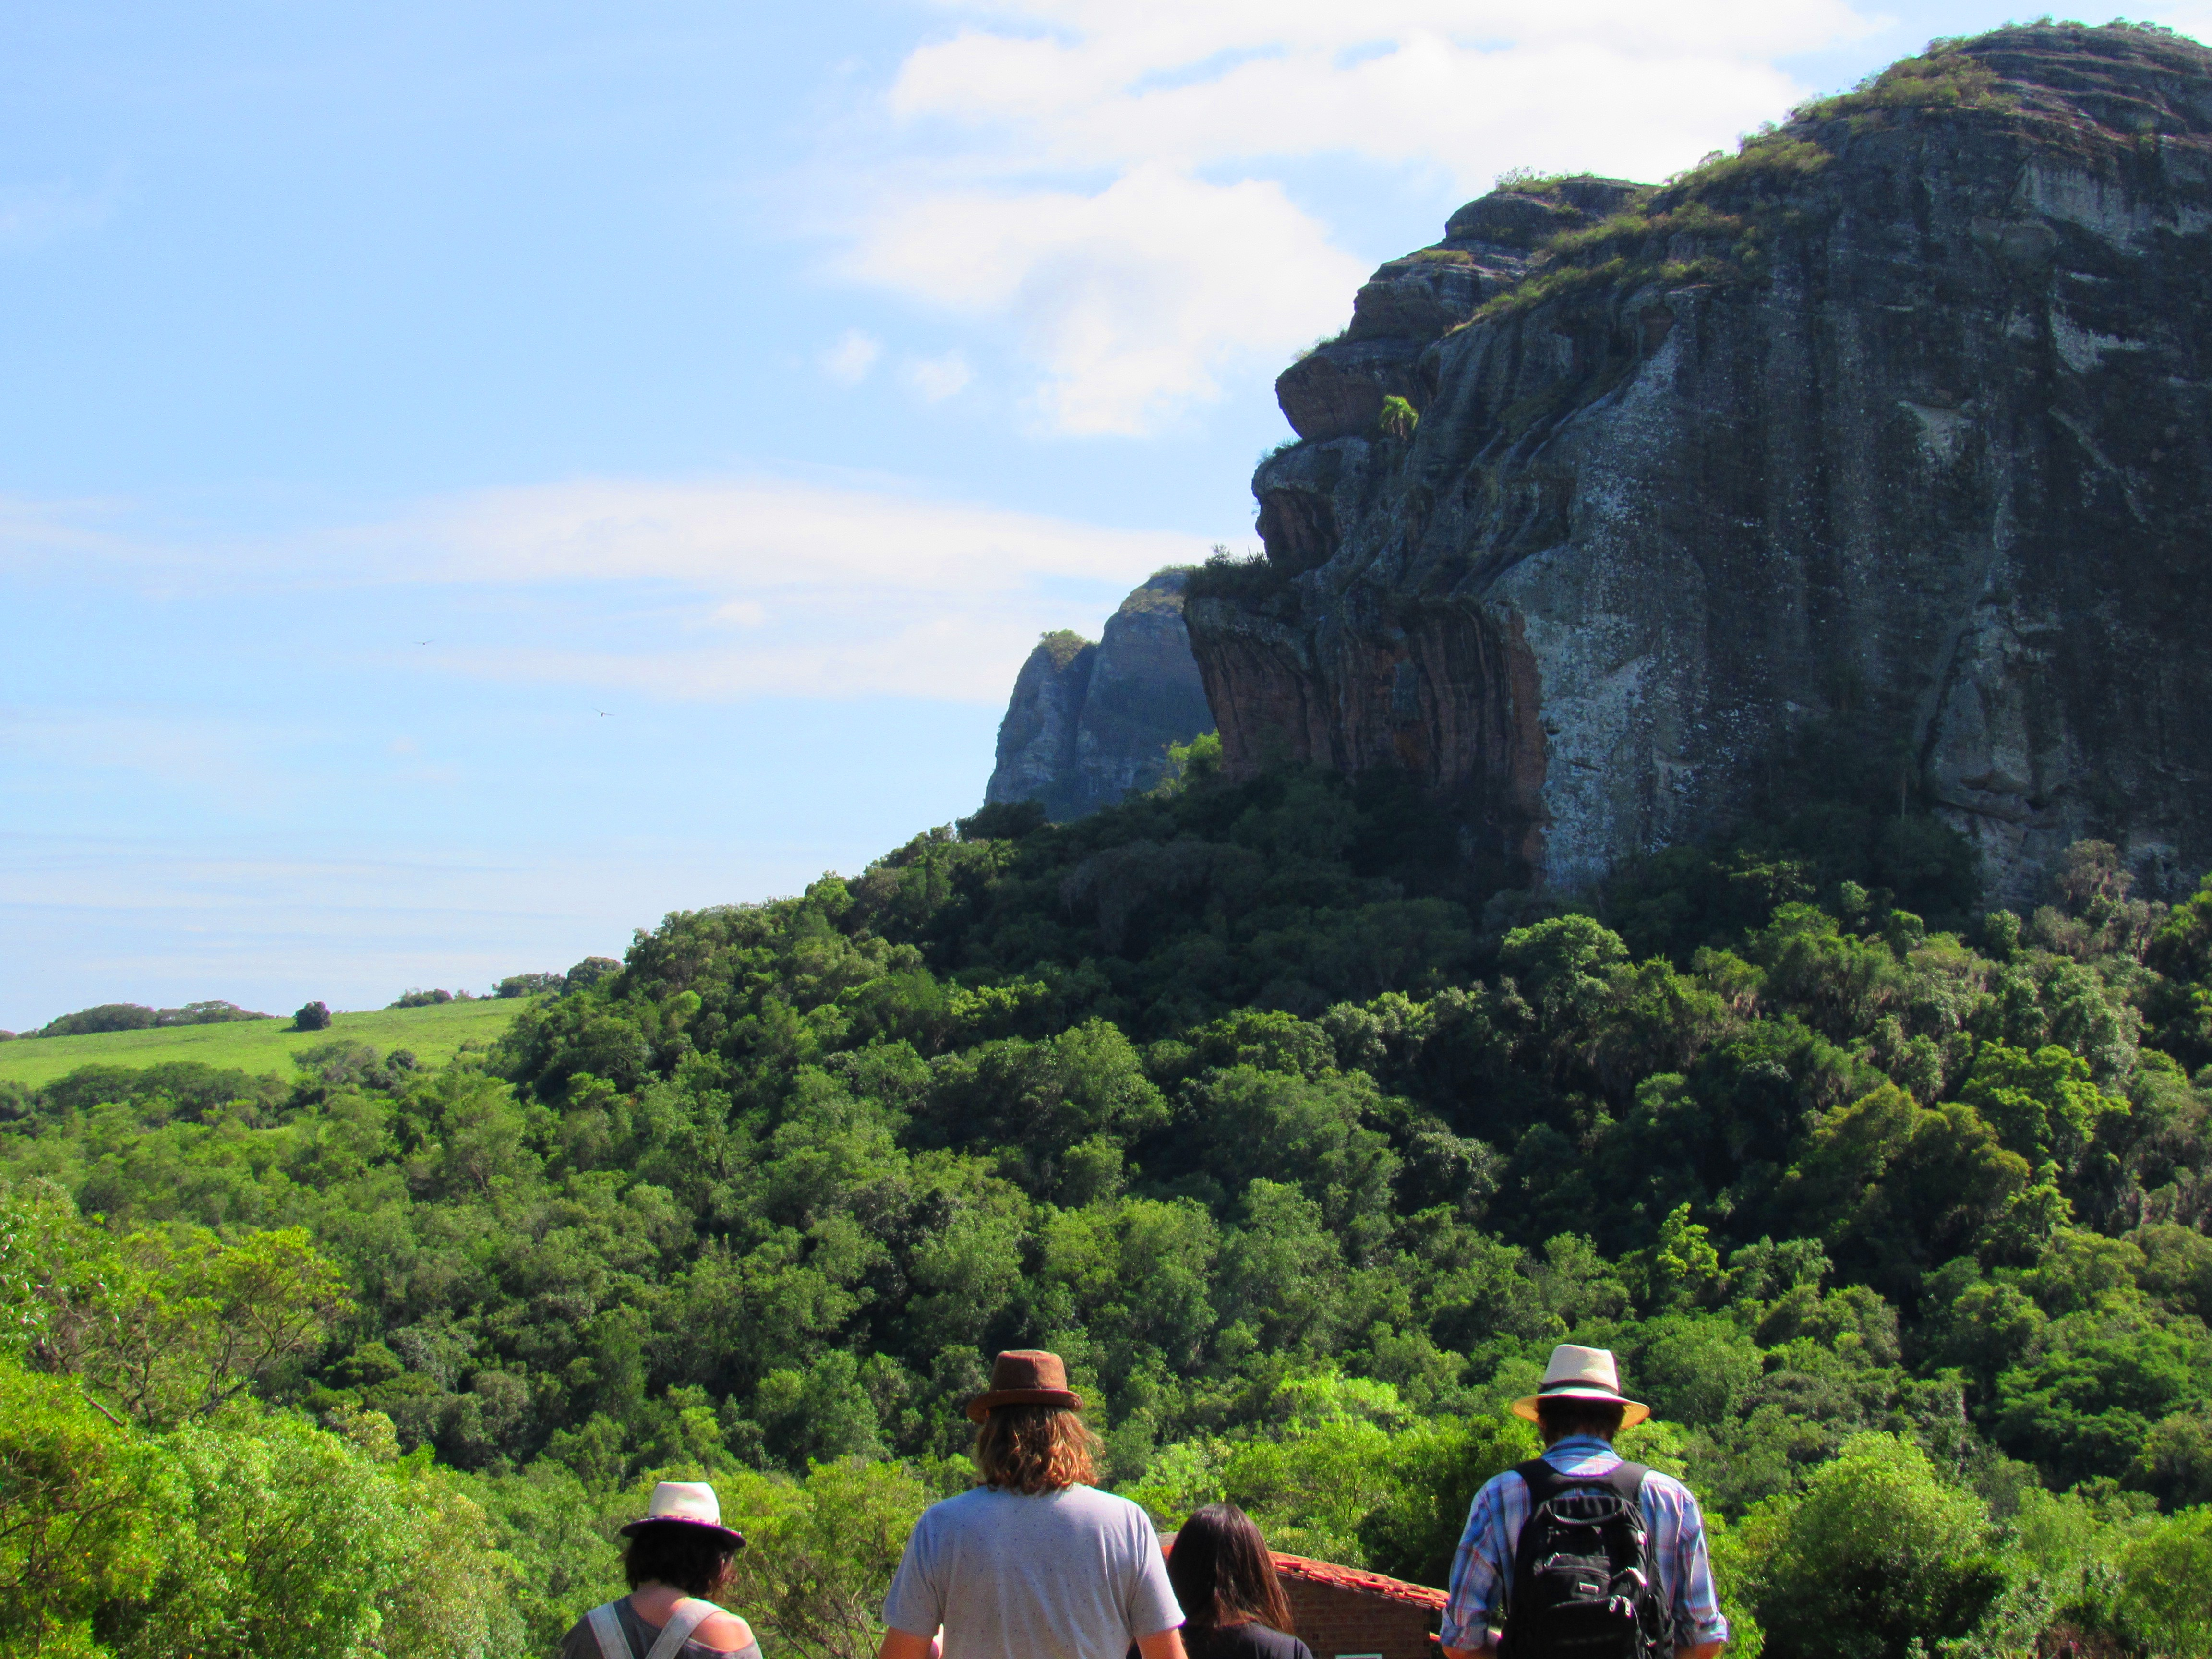 Grupo passeia pelas belezas do Parque Natural Municipal Pedra do Segredo. A Pedra do Segredo se destaca ao fundo. Foto: Jackeline Moreira. Foto: Jackeline Moreira